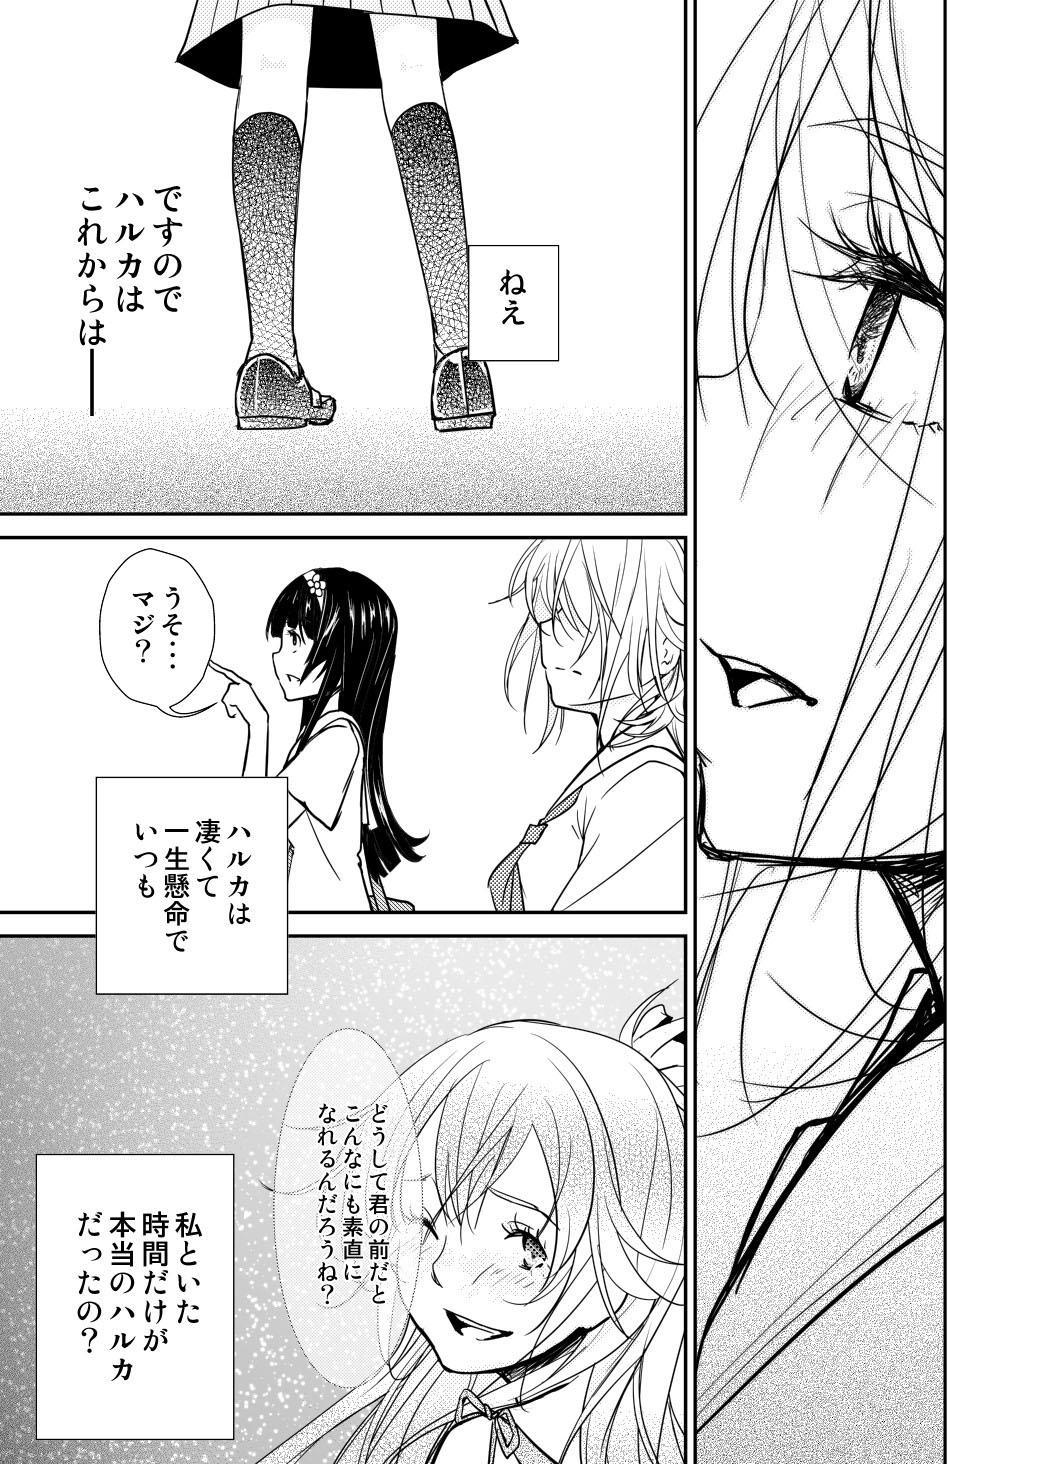 Yakusoku no Sora to Kimigaita Basho 1 ~ 2 24